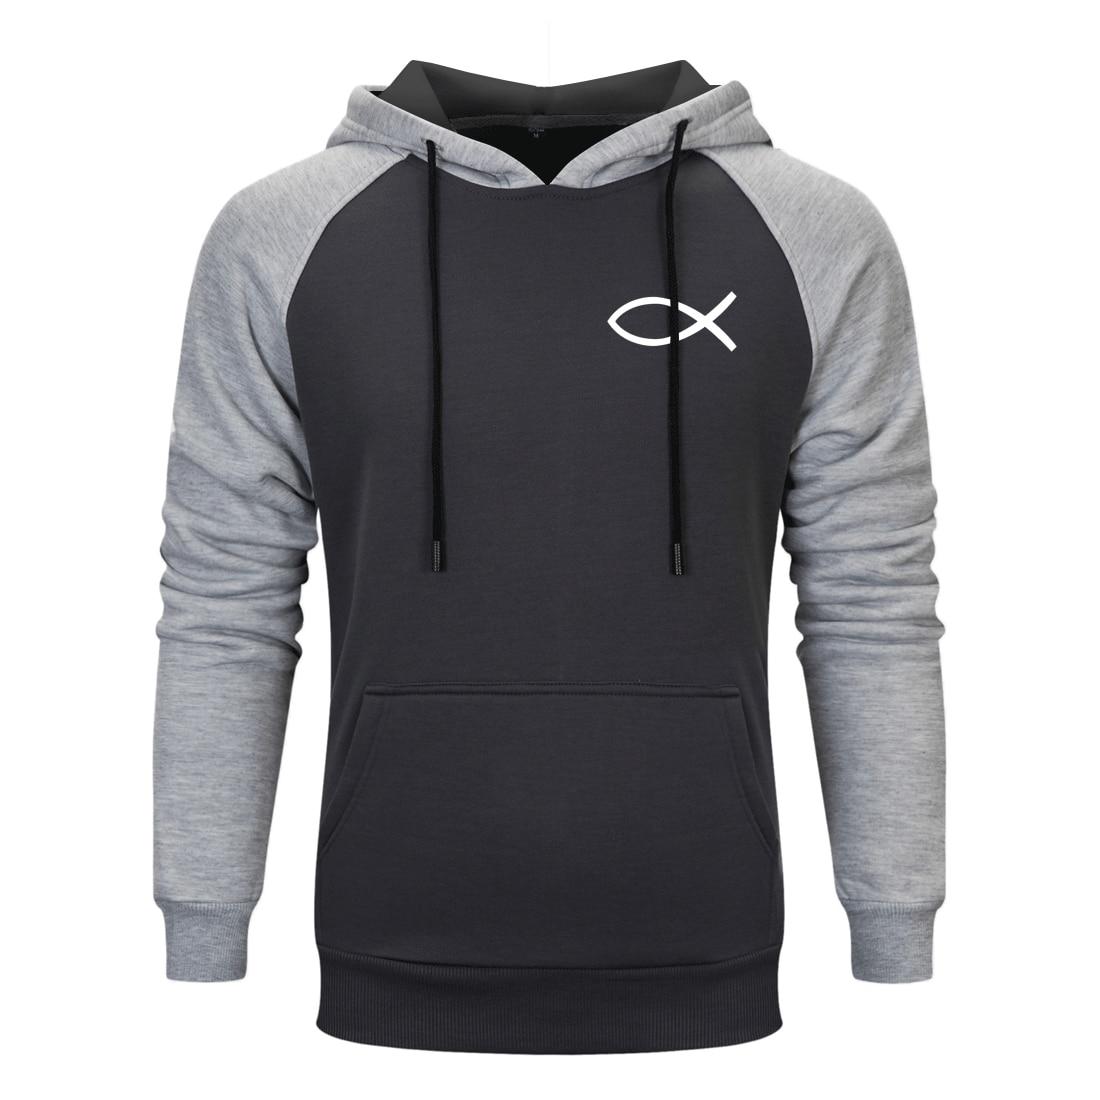 Spring Autumn Man Raglan Hoodies 2020 New Jesus Fish Simple Printed Sweatshirts Hoody Streetwear Warm Clothing Homme Tracksuits